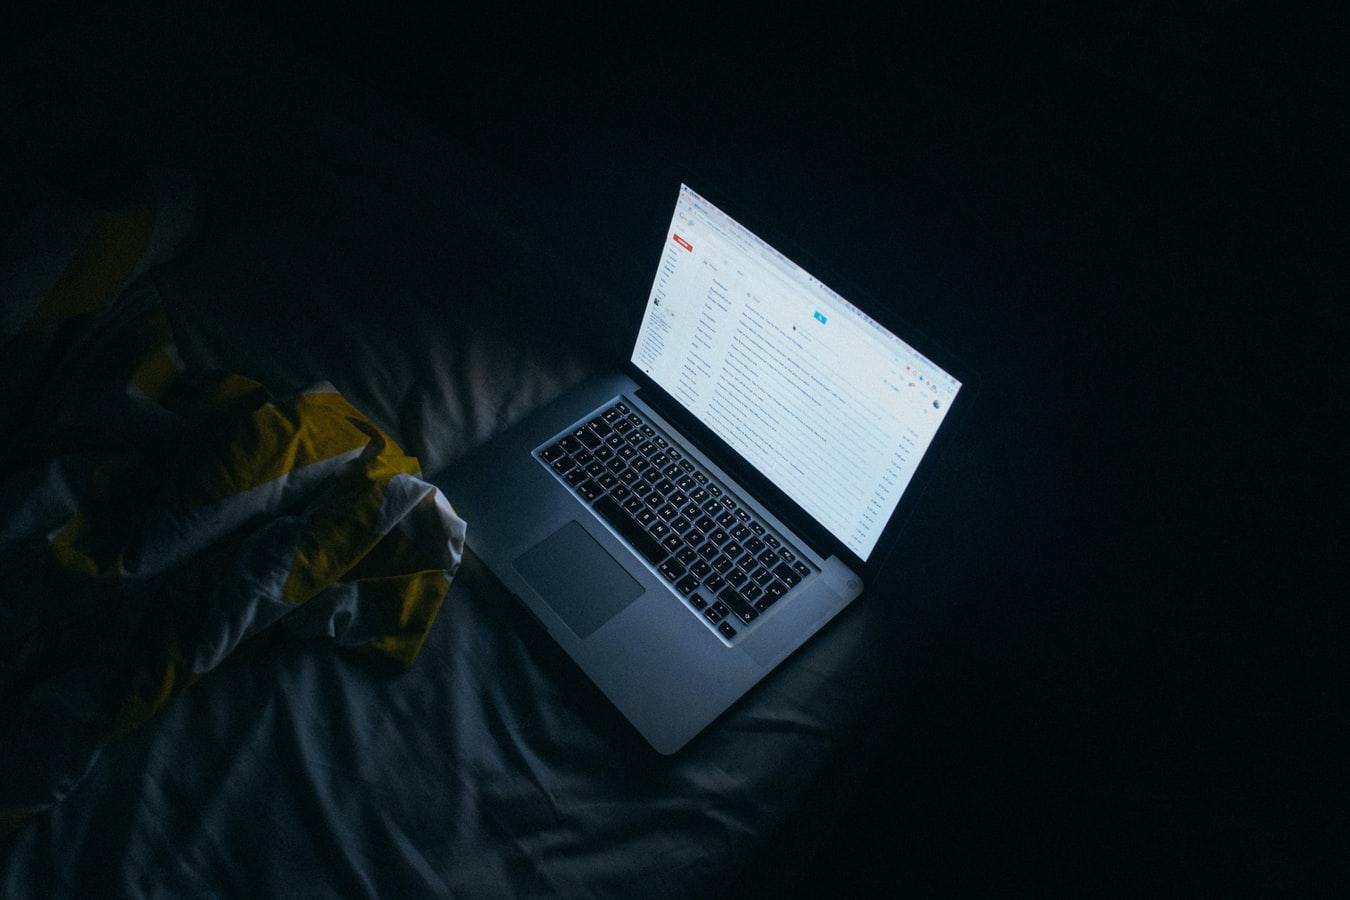 Σας εκβιάζουν μέσω email; Τι να κάνετε αν δείτε τον κωδικό πρόσβασής σας